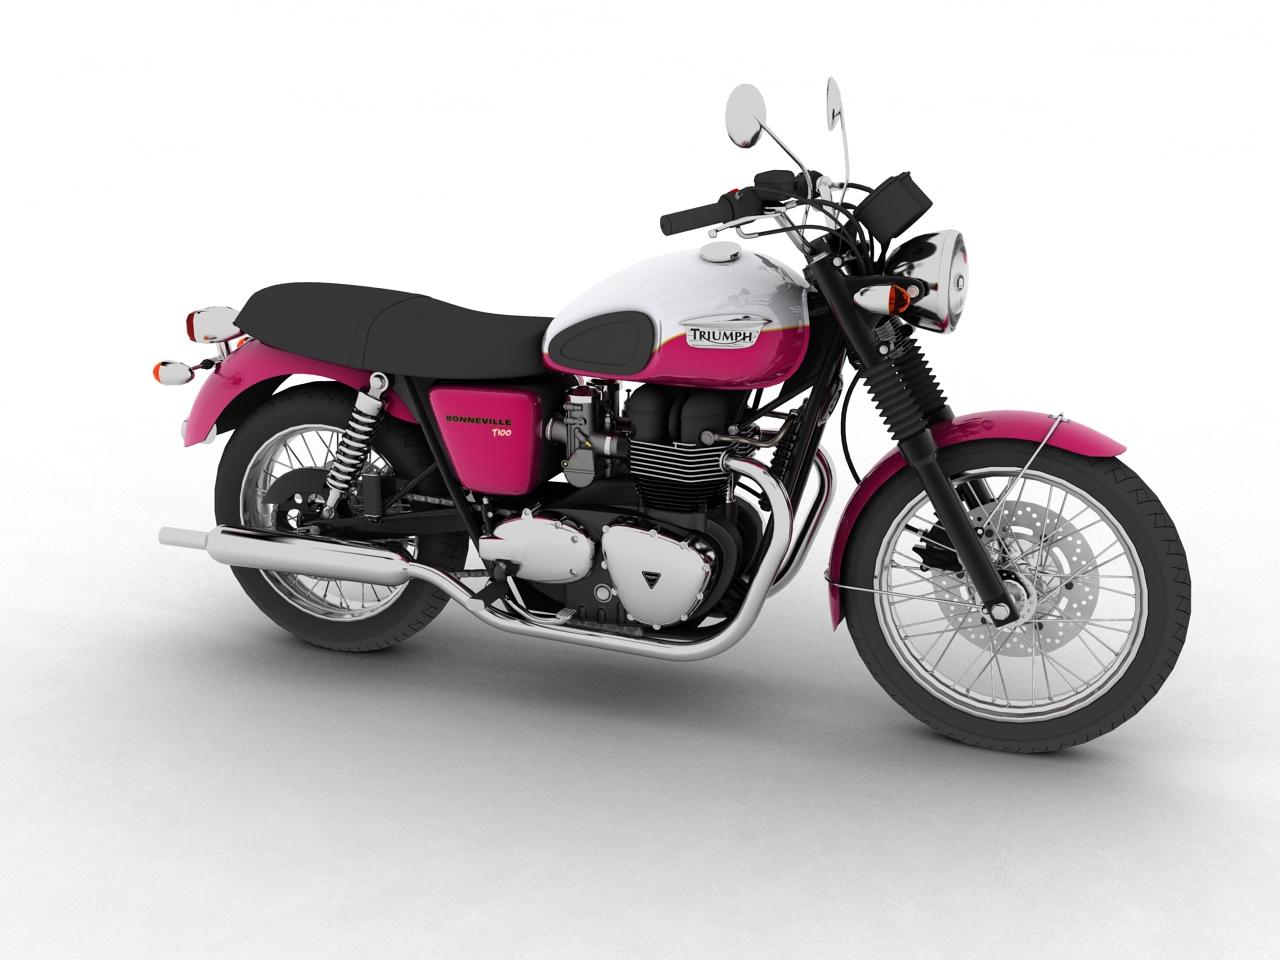 triumph bonneville t100 2012 3d model 3ds max c4d obj 152099